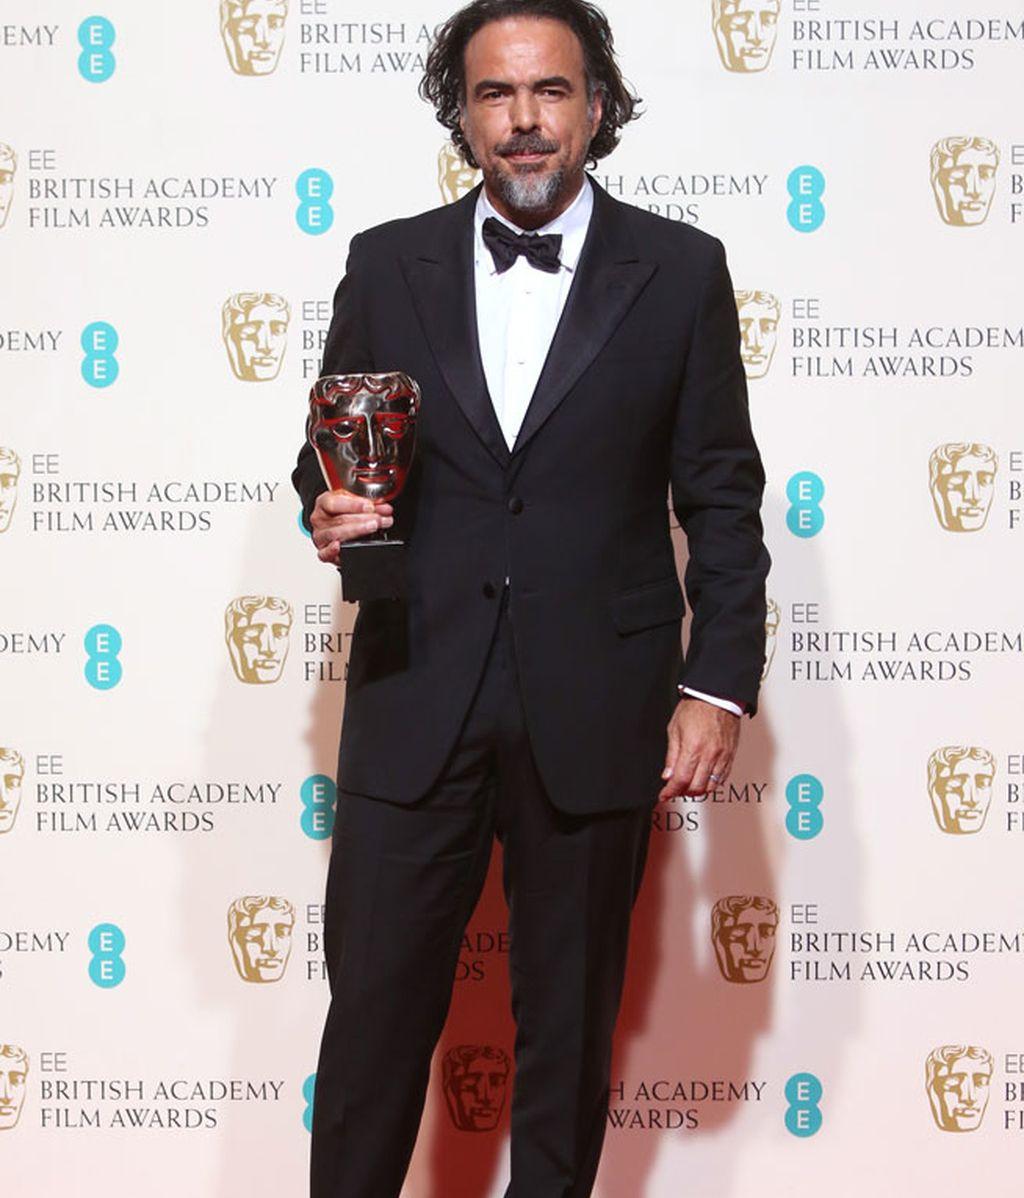 El director Alejandro González Iñárritu